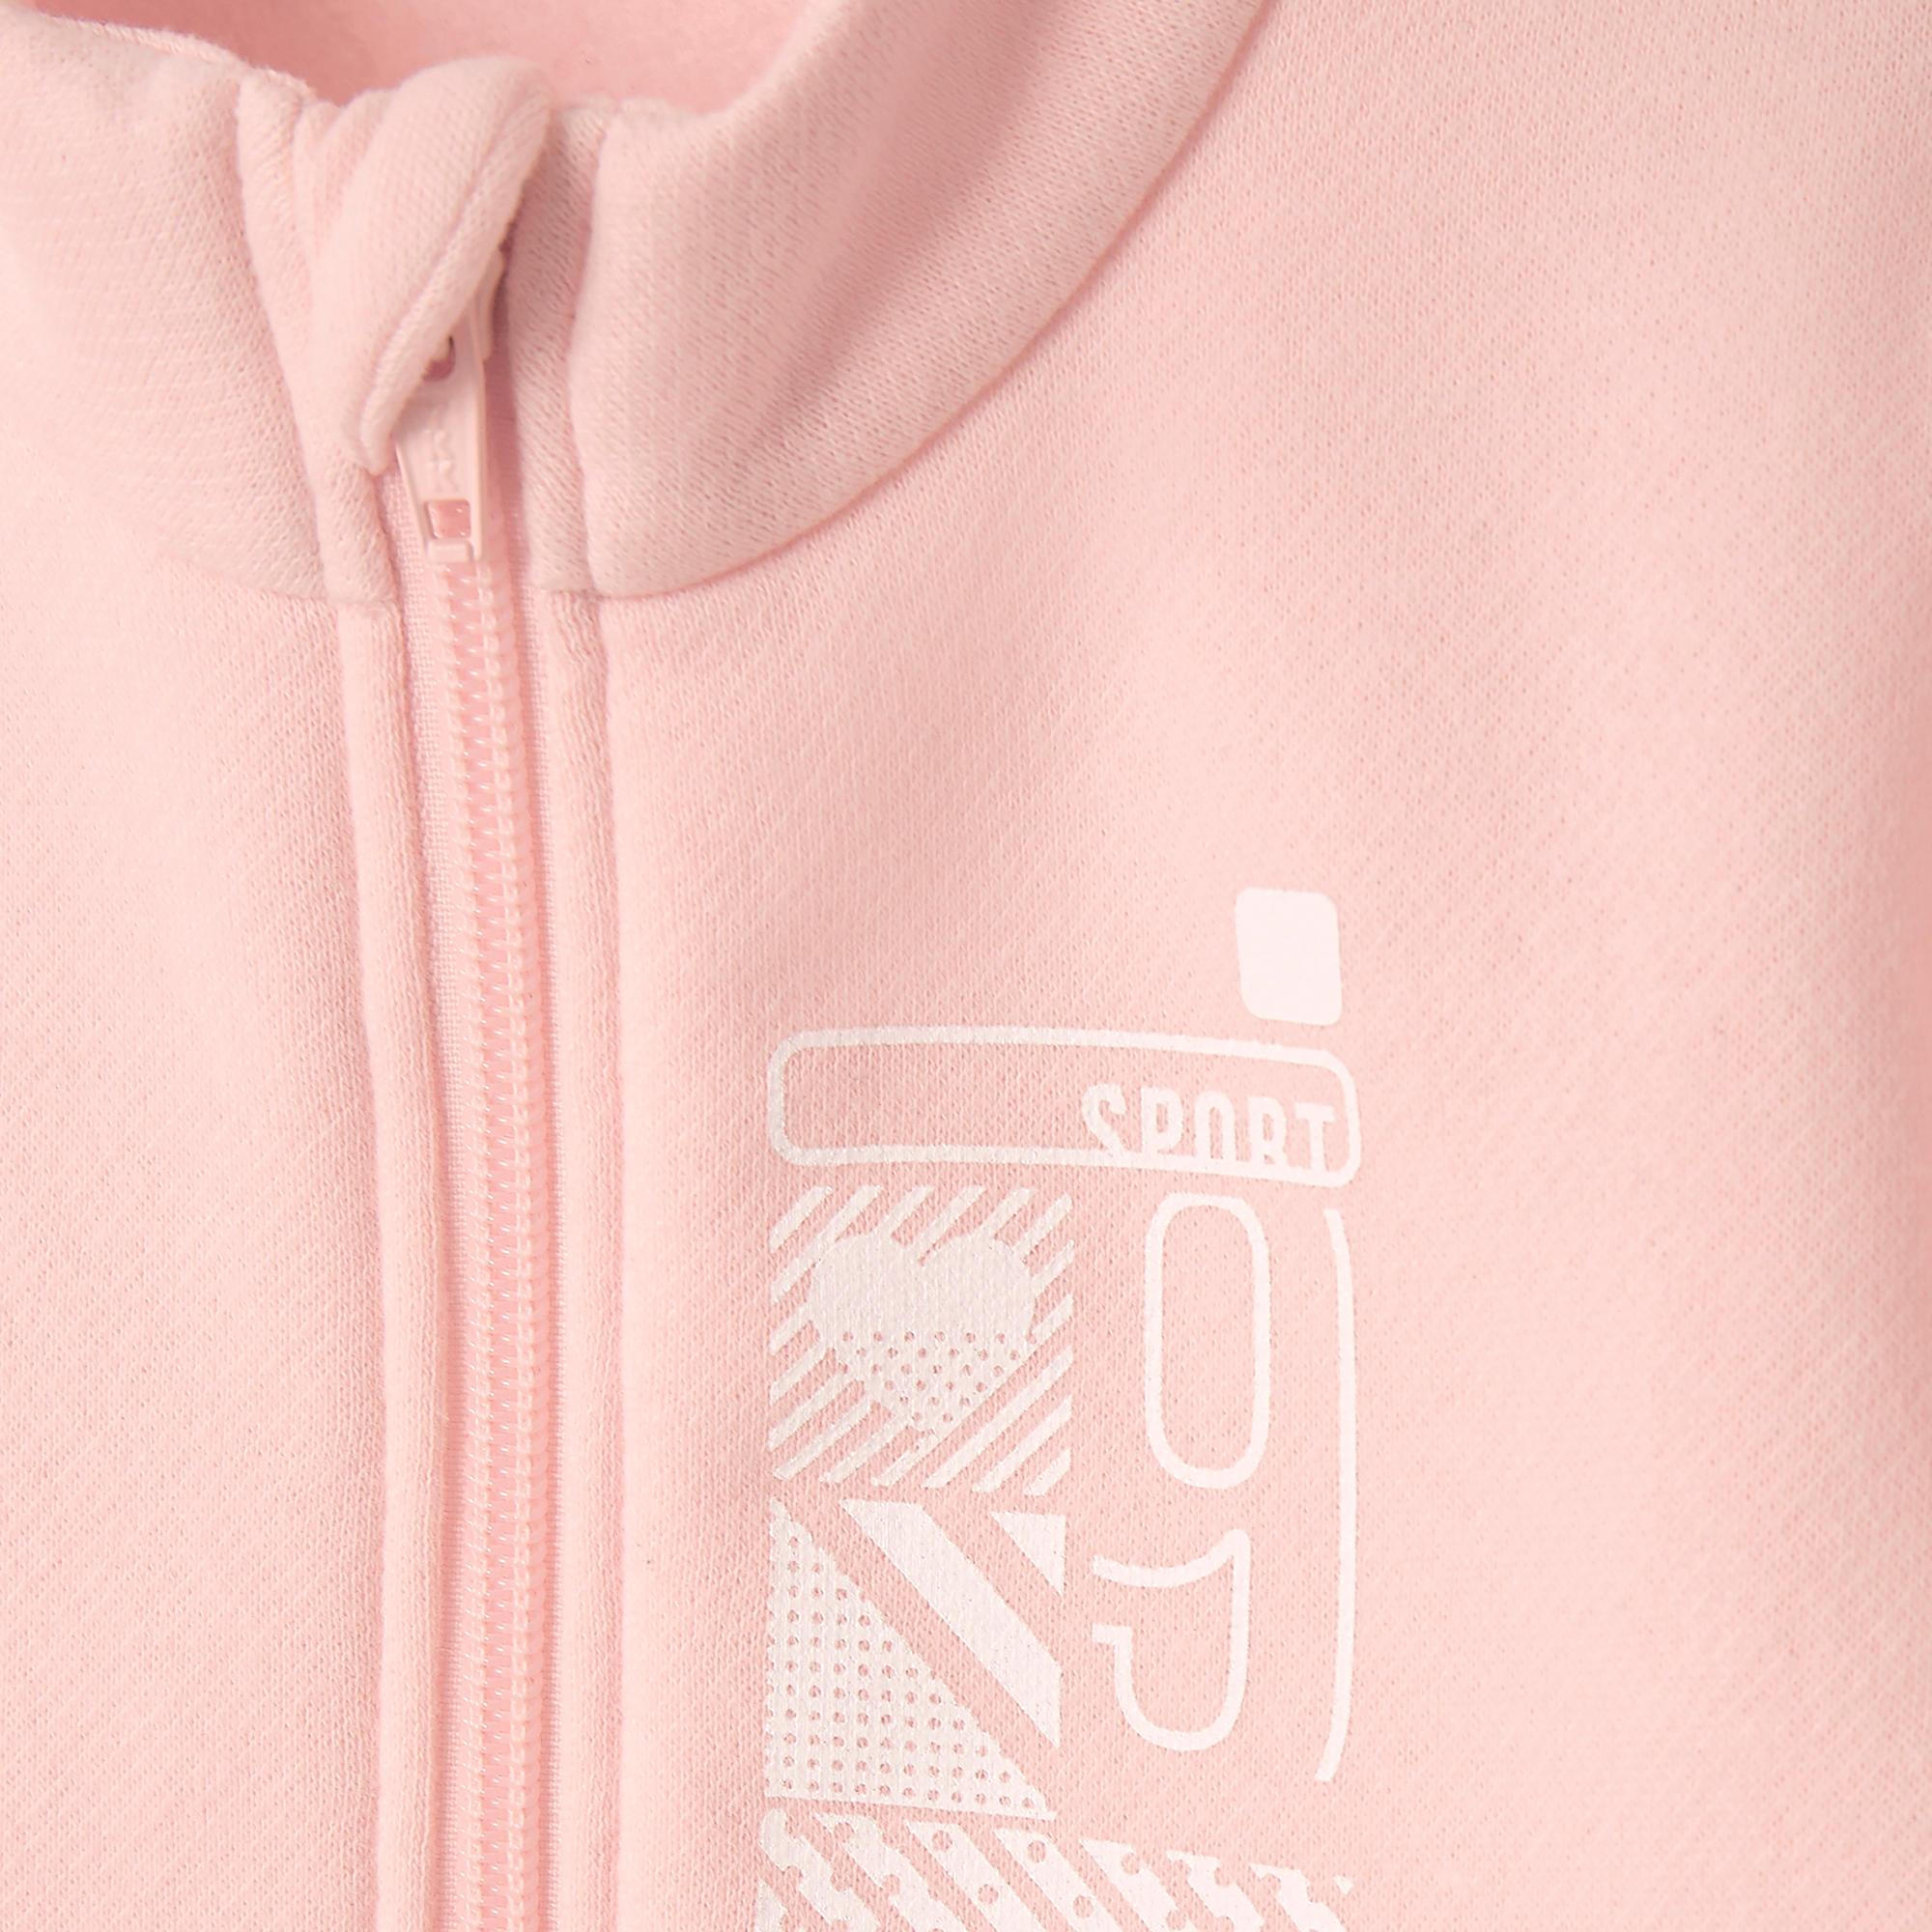 Survêtement 100 Gymnastique pour enfant rose imprimé Warm'y glissière